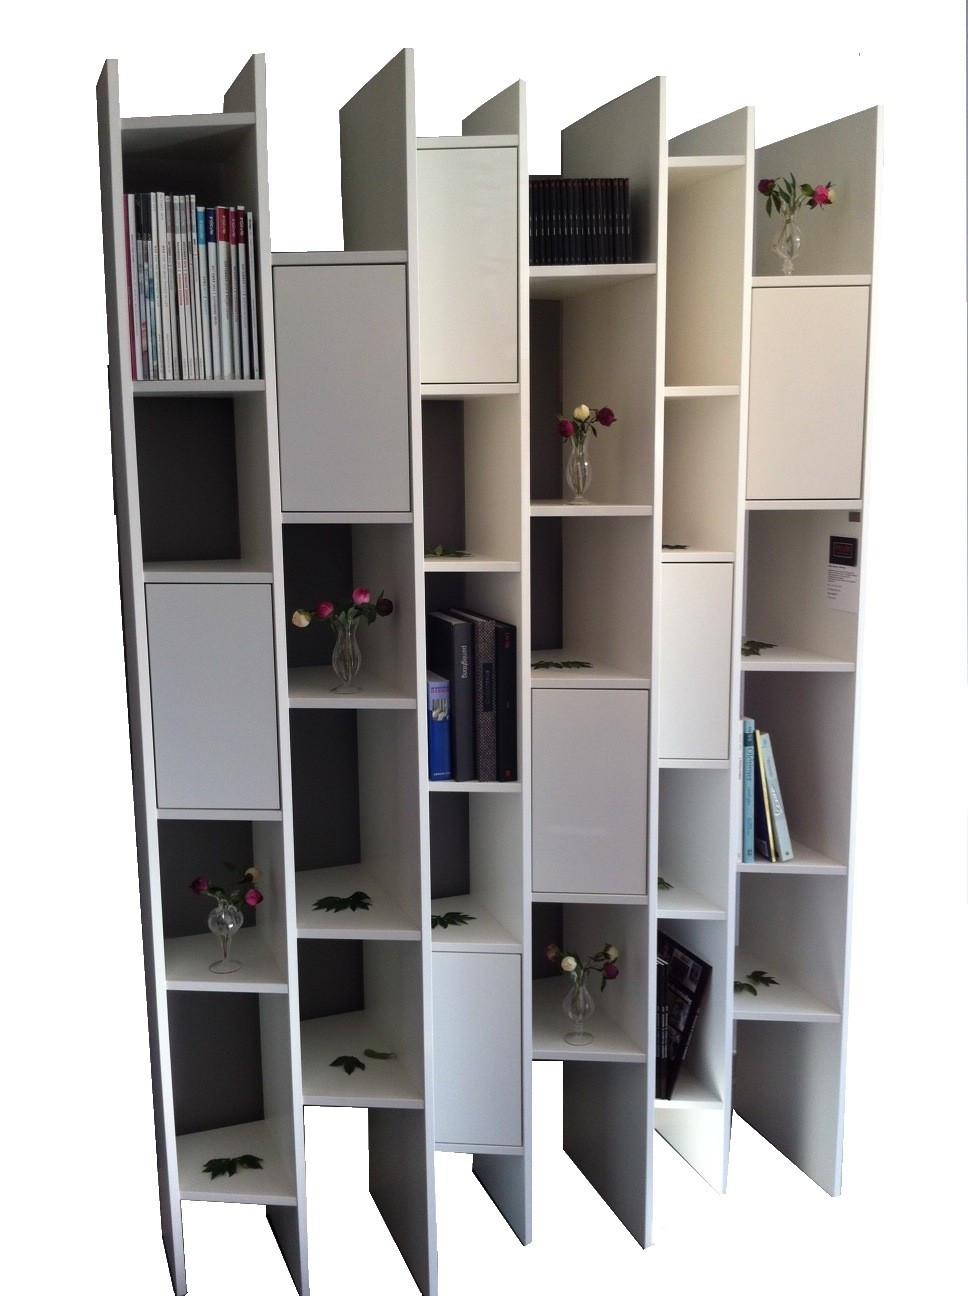 Primavera uit de collectie van puur interiors gratis for Boekenkast design